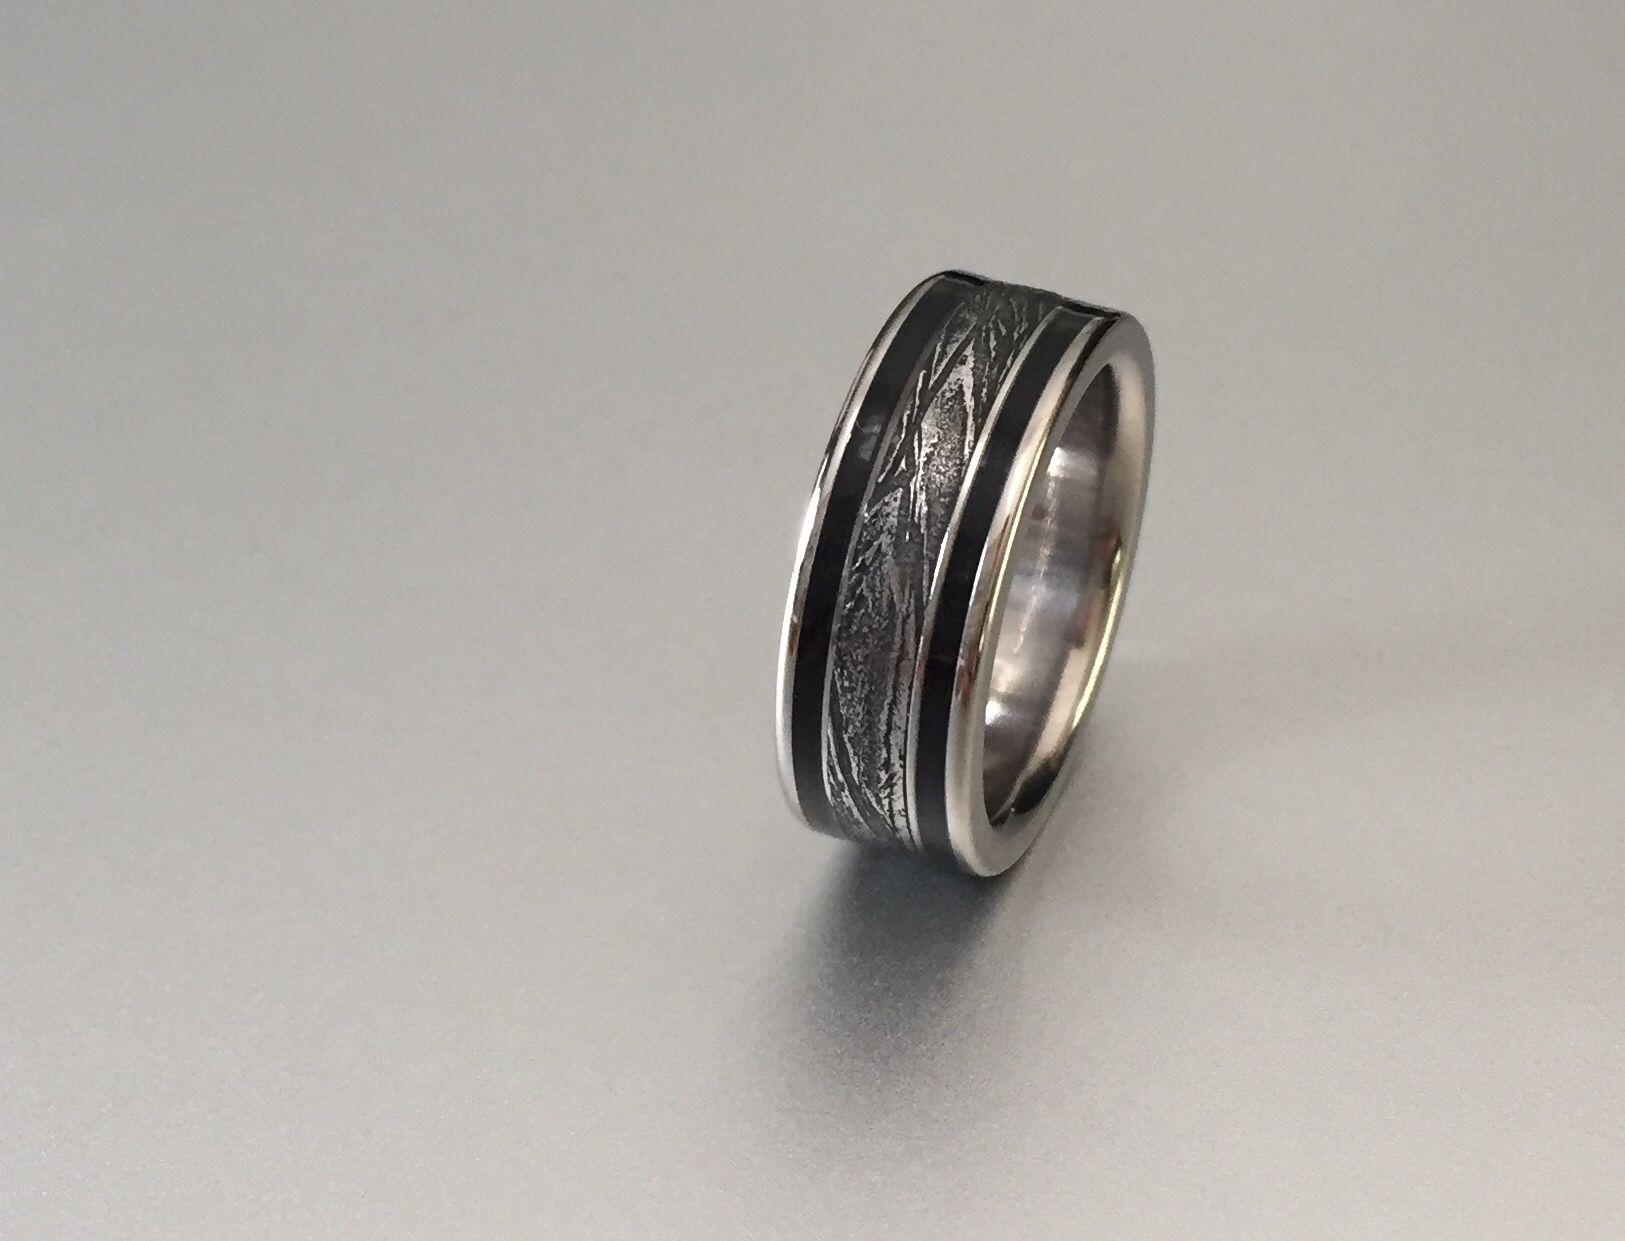 Meteorite ring with black resin edges. in 2020 Meteorite